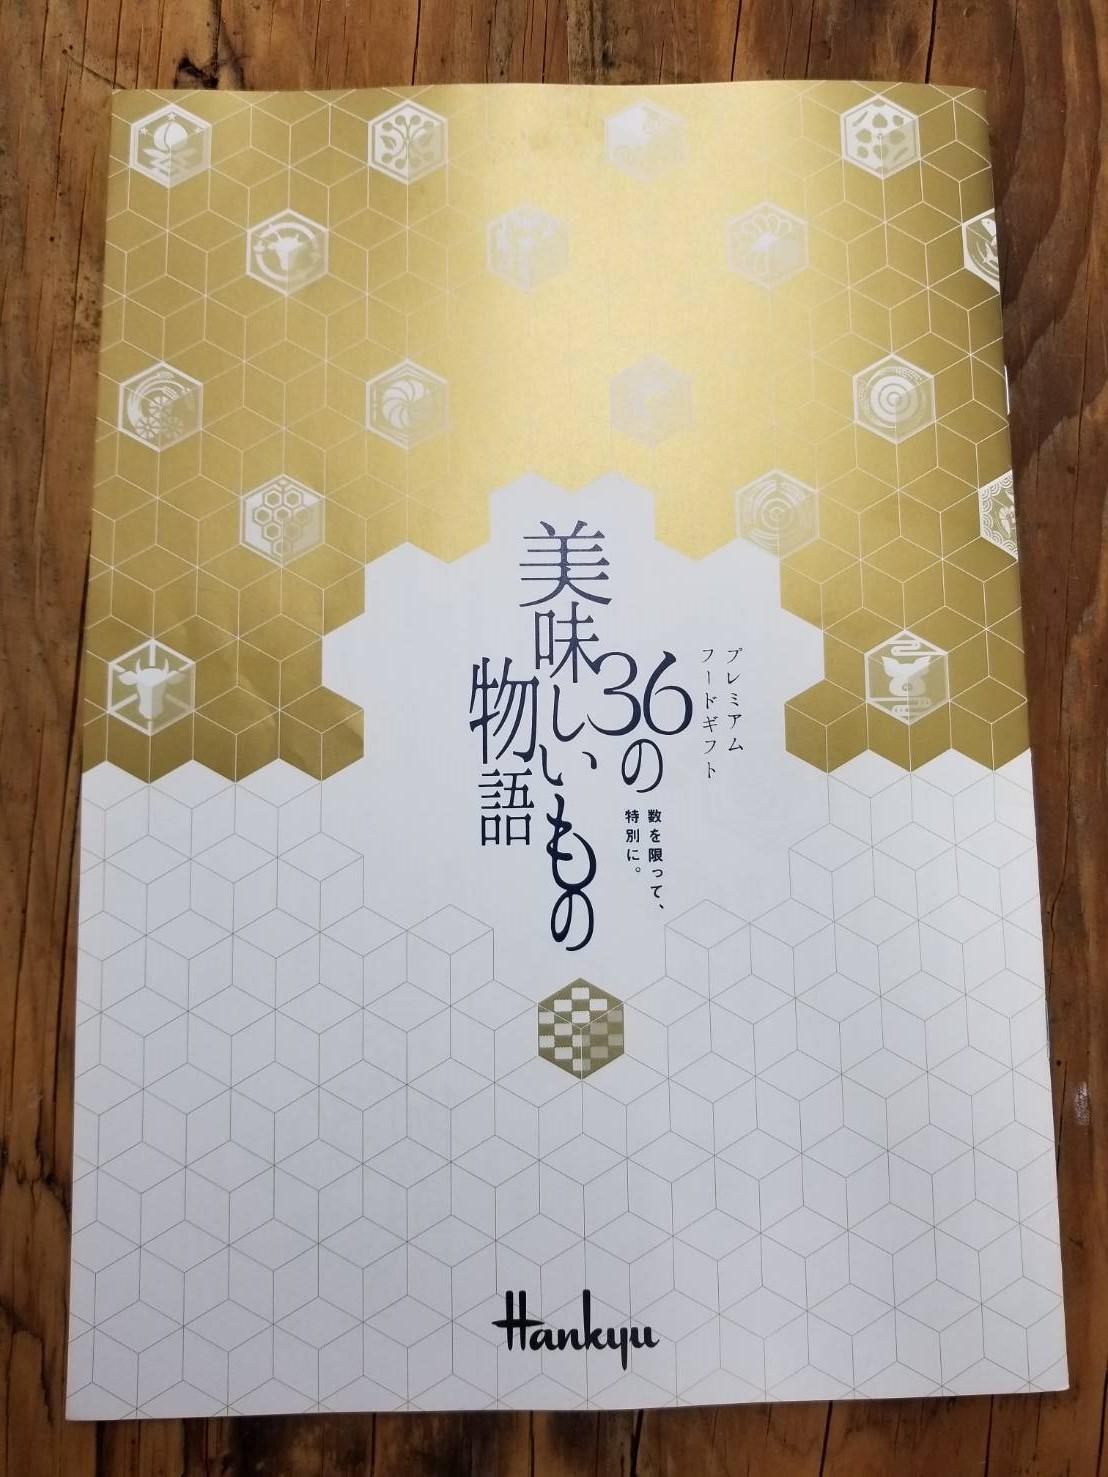 阪急百貨店さんのプレミアムフードギフト「美味しいもの36の物語」に掲載頂きました!